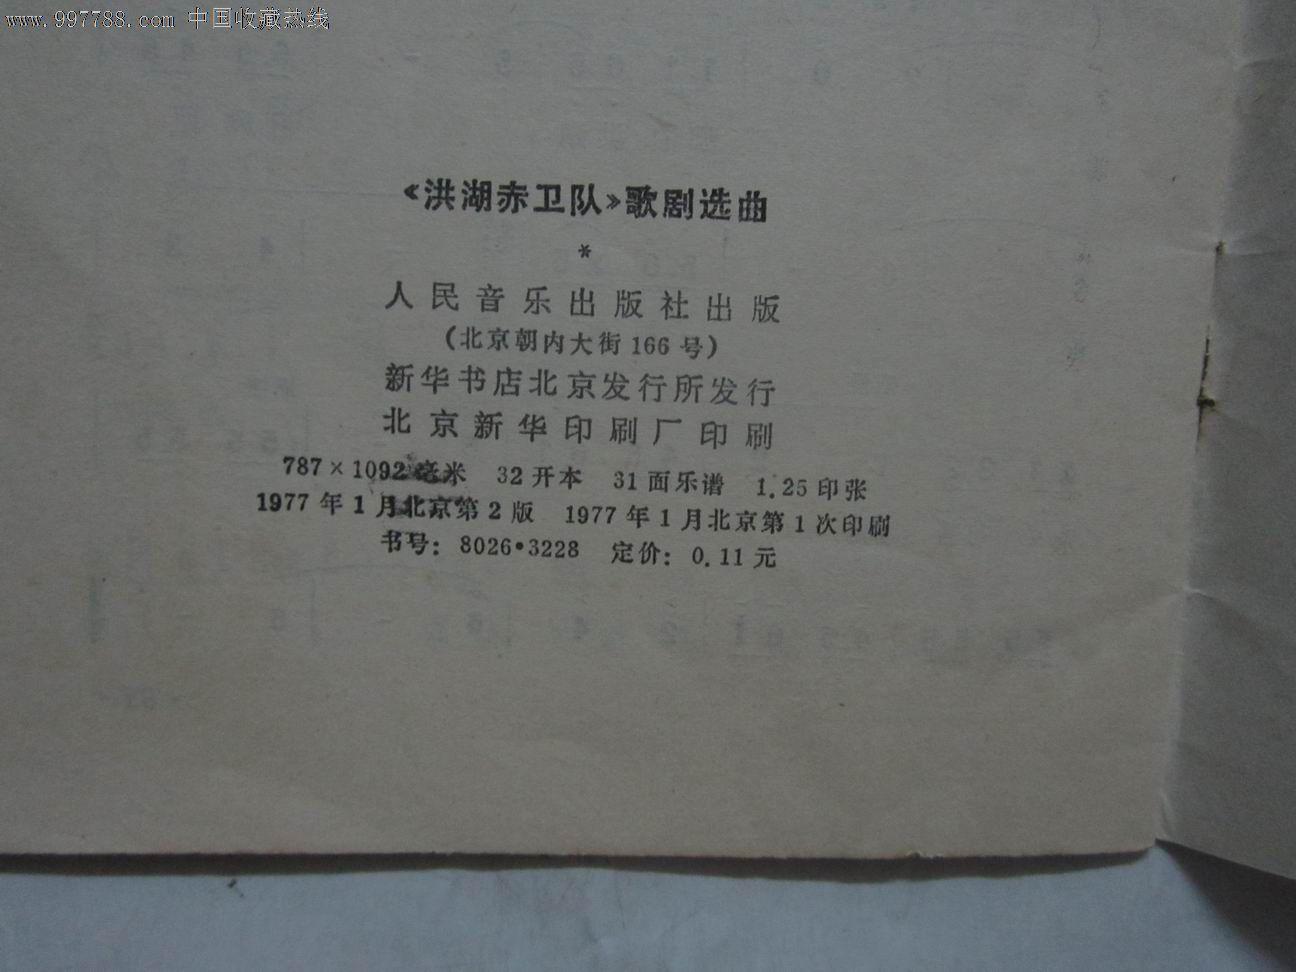 洪湖赤卫队--歌剧选曲-歌曲/歌谱--se16268113-零售